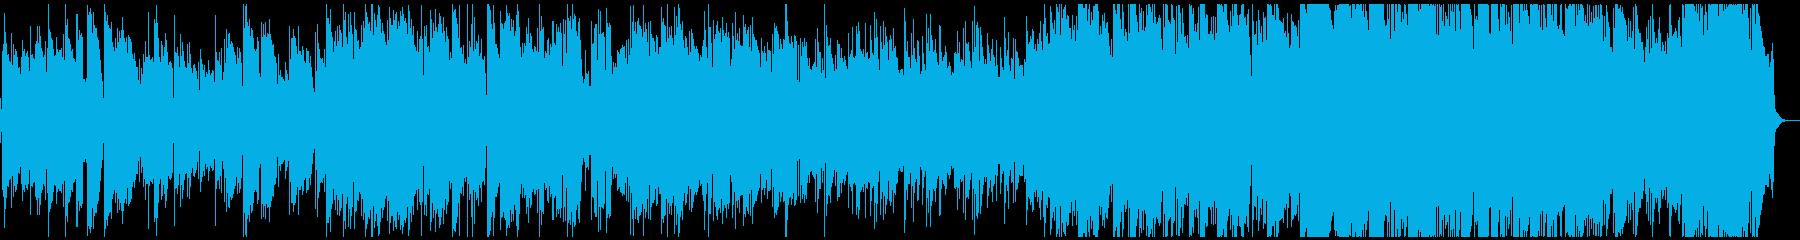 エレクトリックピアノの前向きなジャズの再生済みの波形